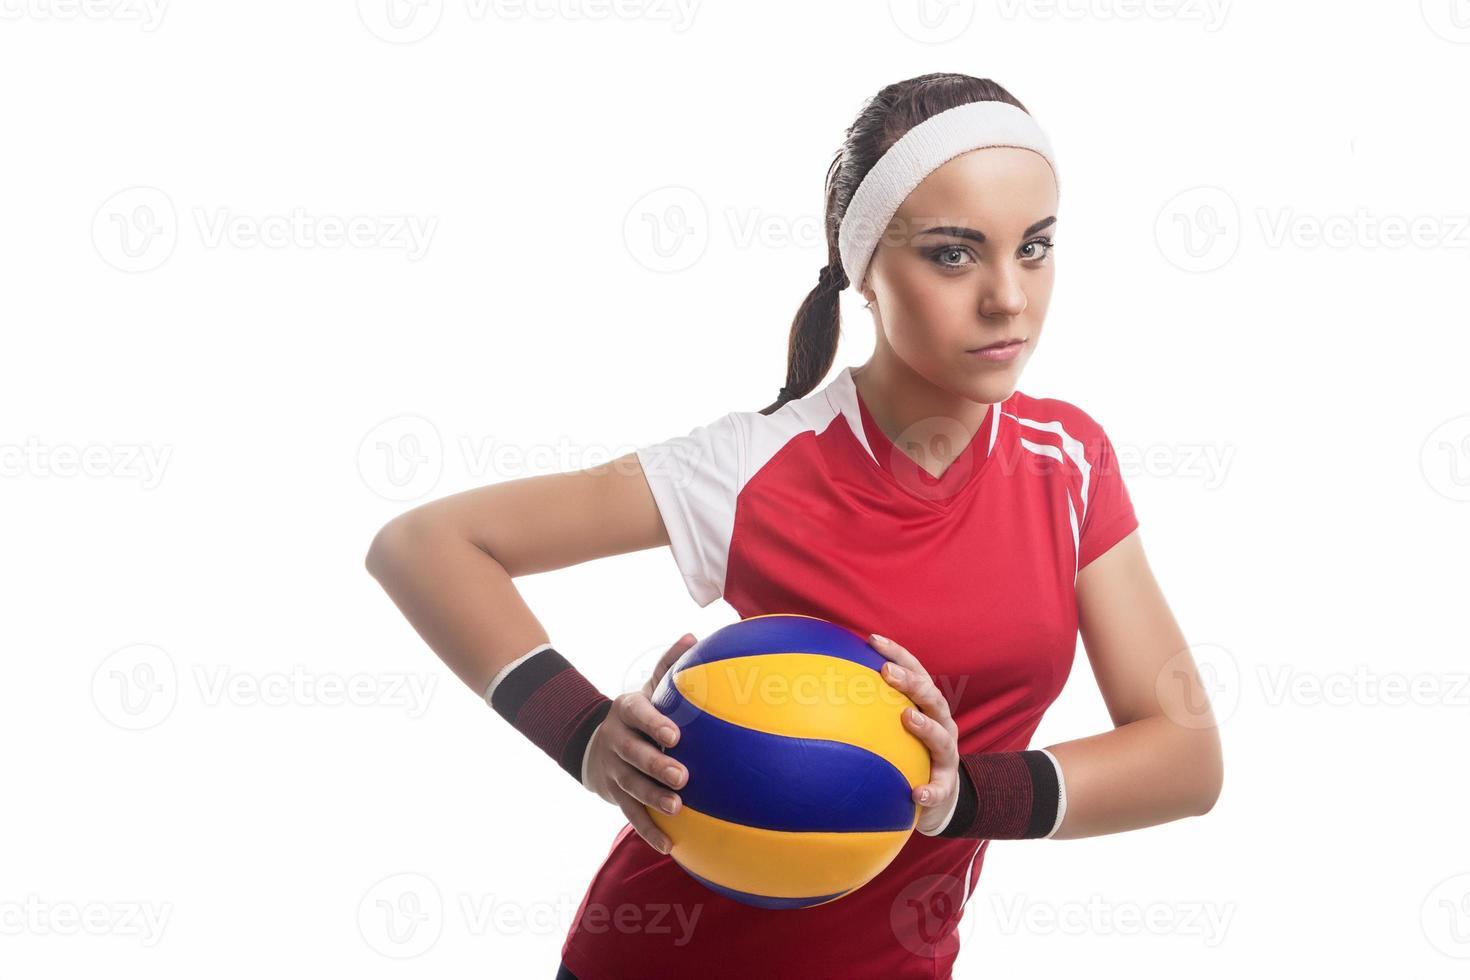 Joueur de volley-ball professionnel caucasien volontaire fort équipé en tenue de volley-ball photo